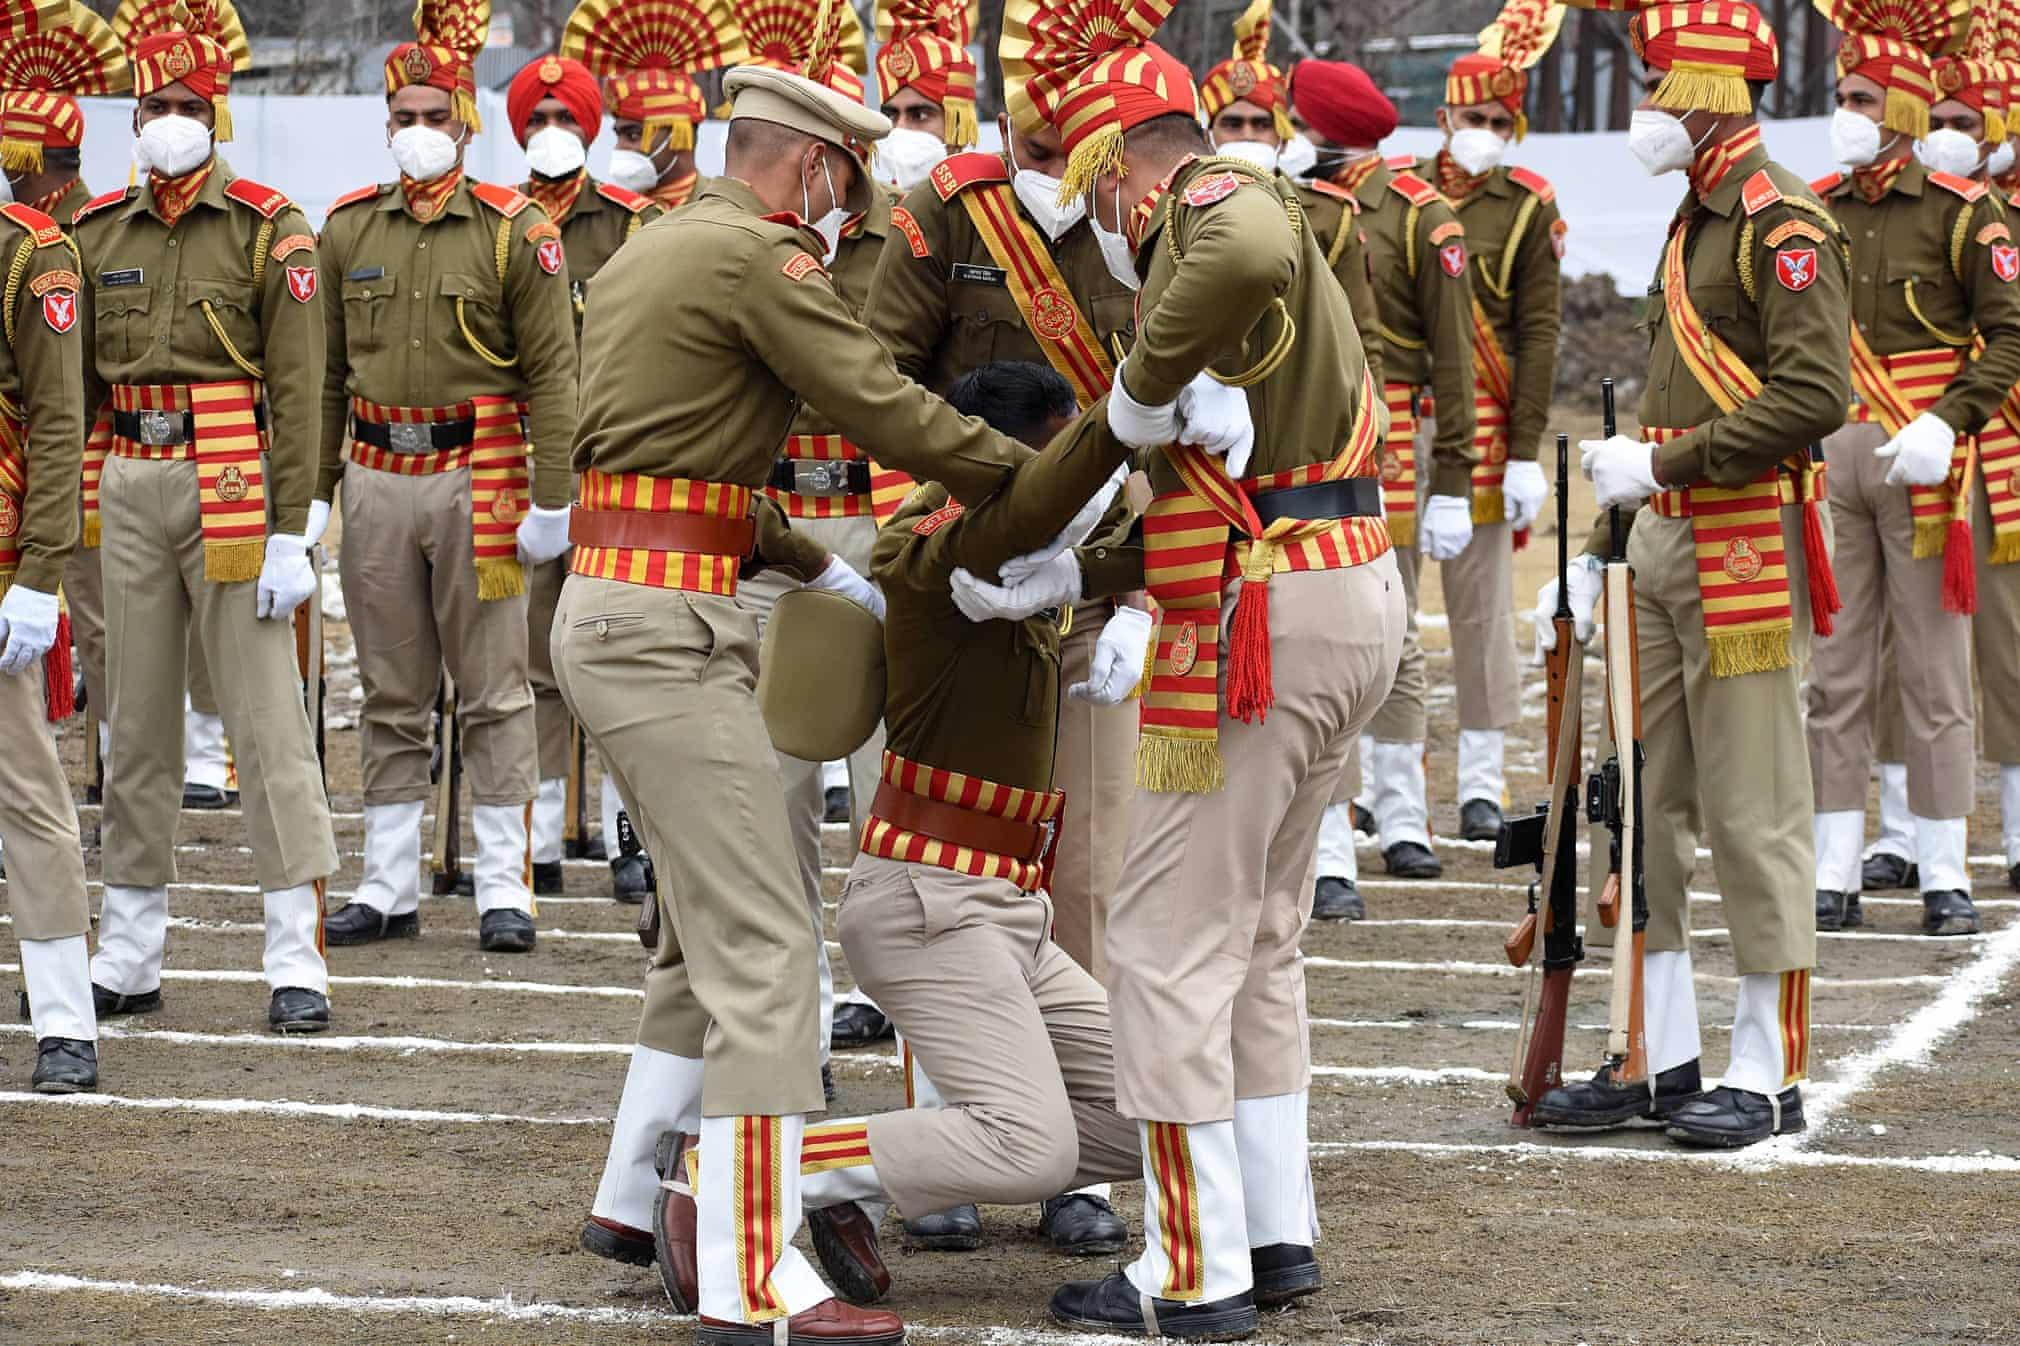 غش کردن یک سرباز هندی در مراسم رسمی روز جمهوری هند + عکس